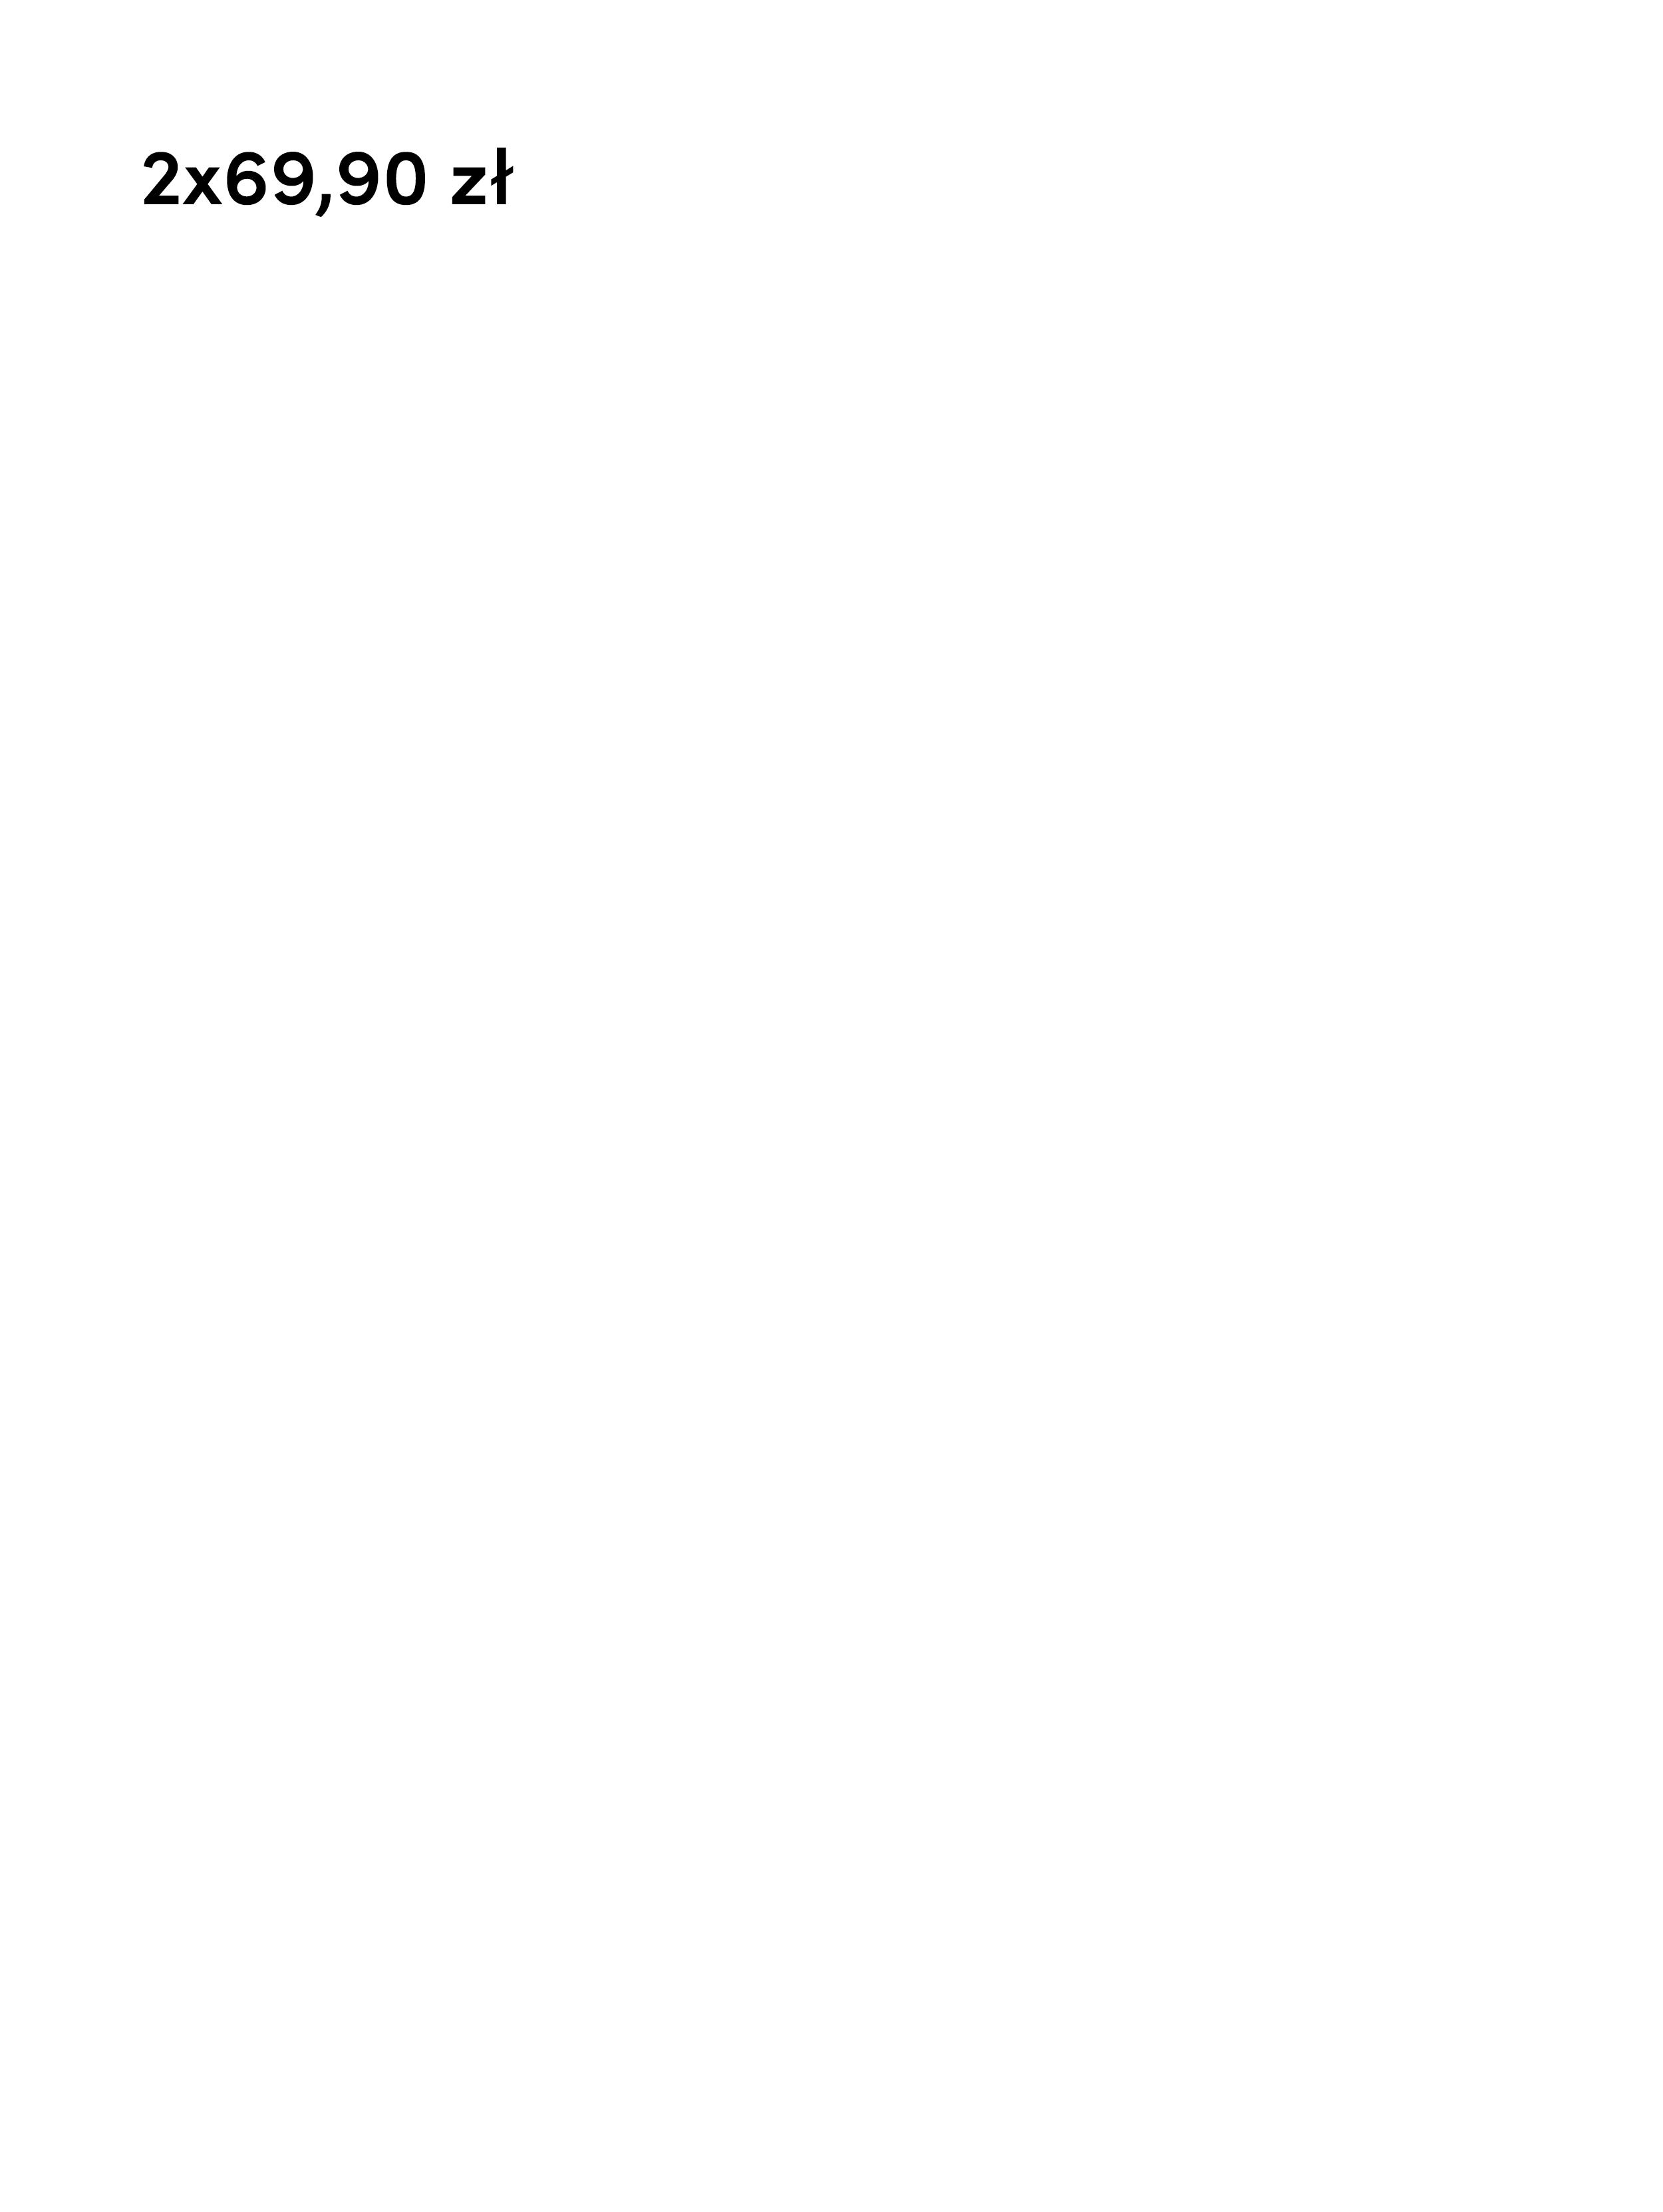 PL_2x69,90